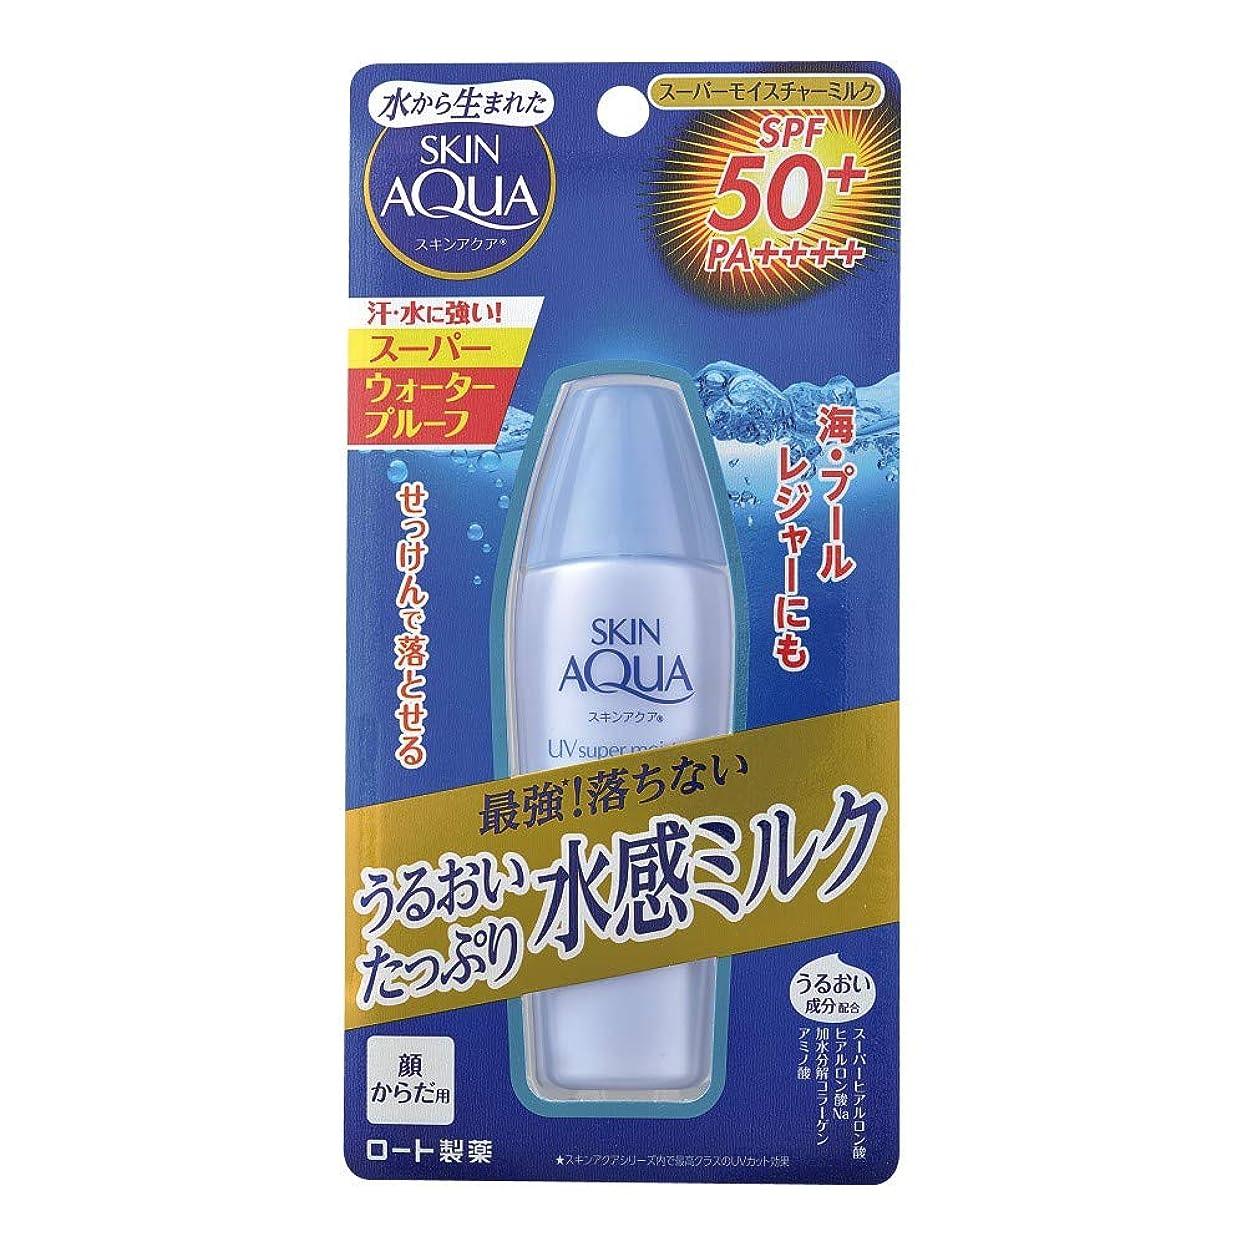 ボット麻痺させる慣習スキンアクア (SKIN AQUA) 日焼け止め スーパーモイスチャーミルク 潤い成分4種配合 水感ミルク (SPF50 PA++++) 40mL ※スーパーウォータープルーフ